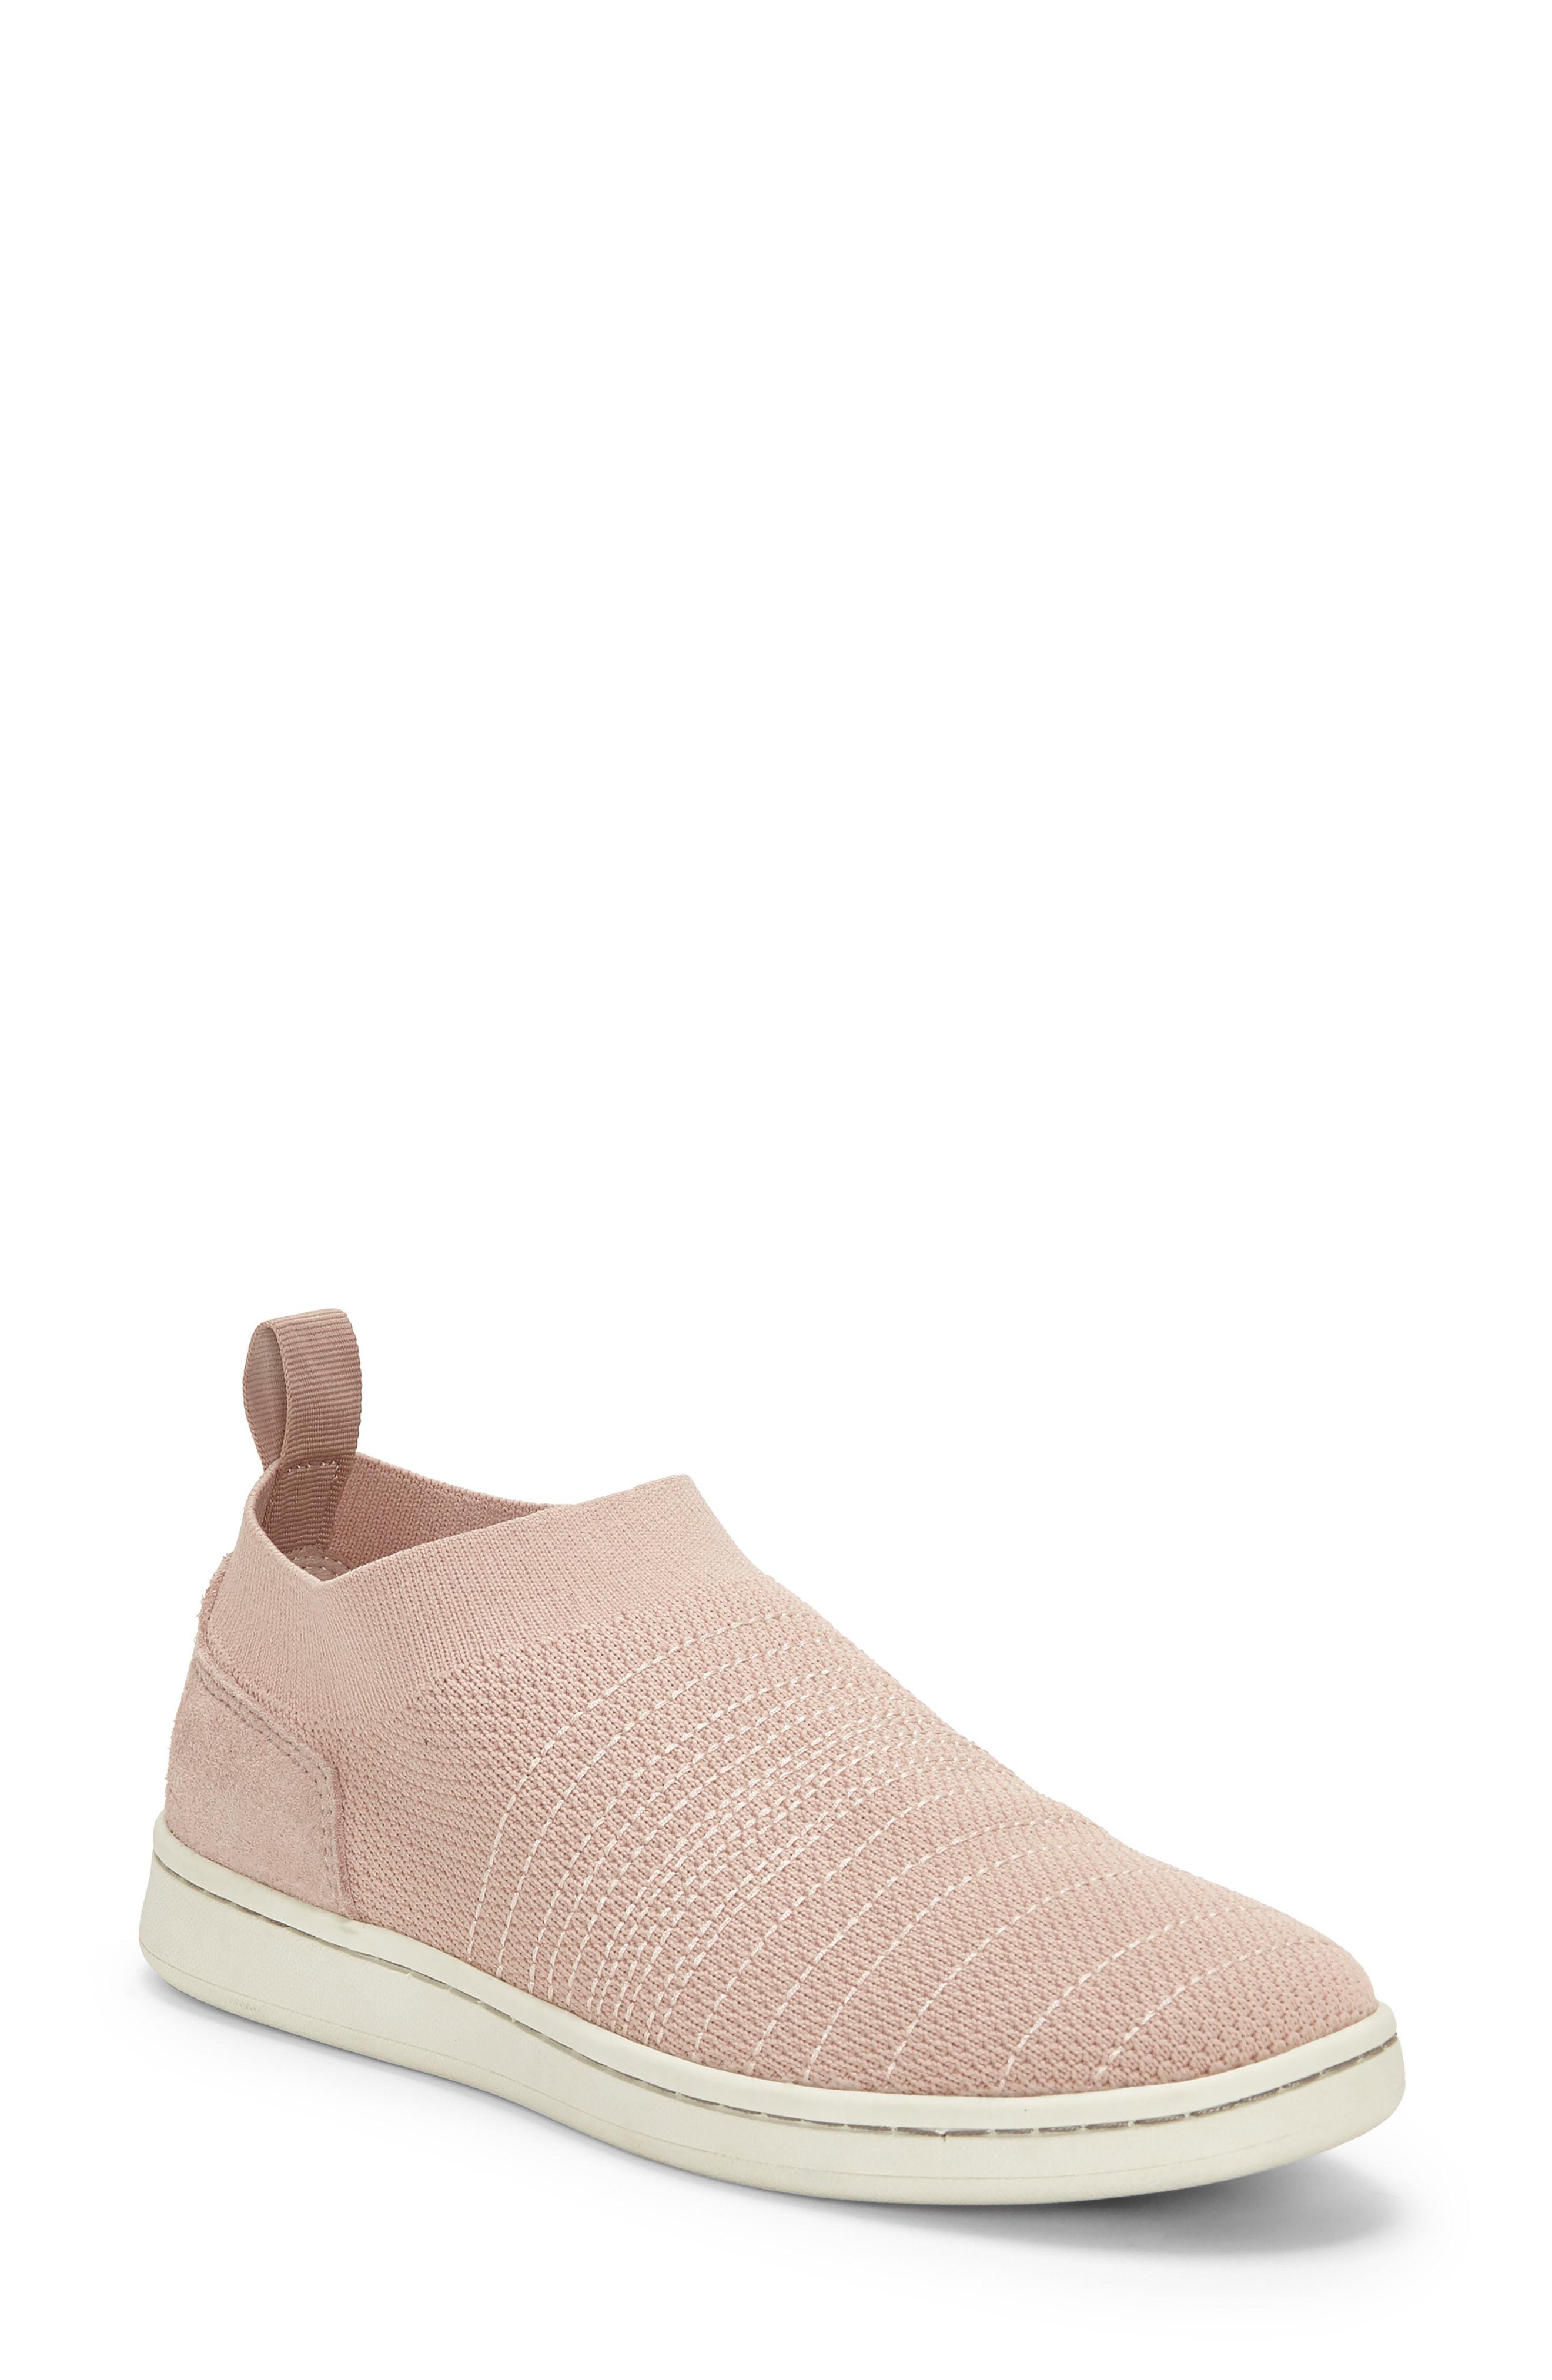 Details about  /Ellen Degeneres Slip-On Sneakers Chalibre Rose Quartz